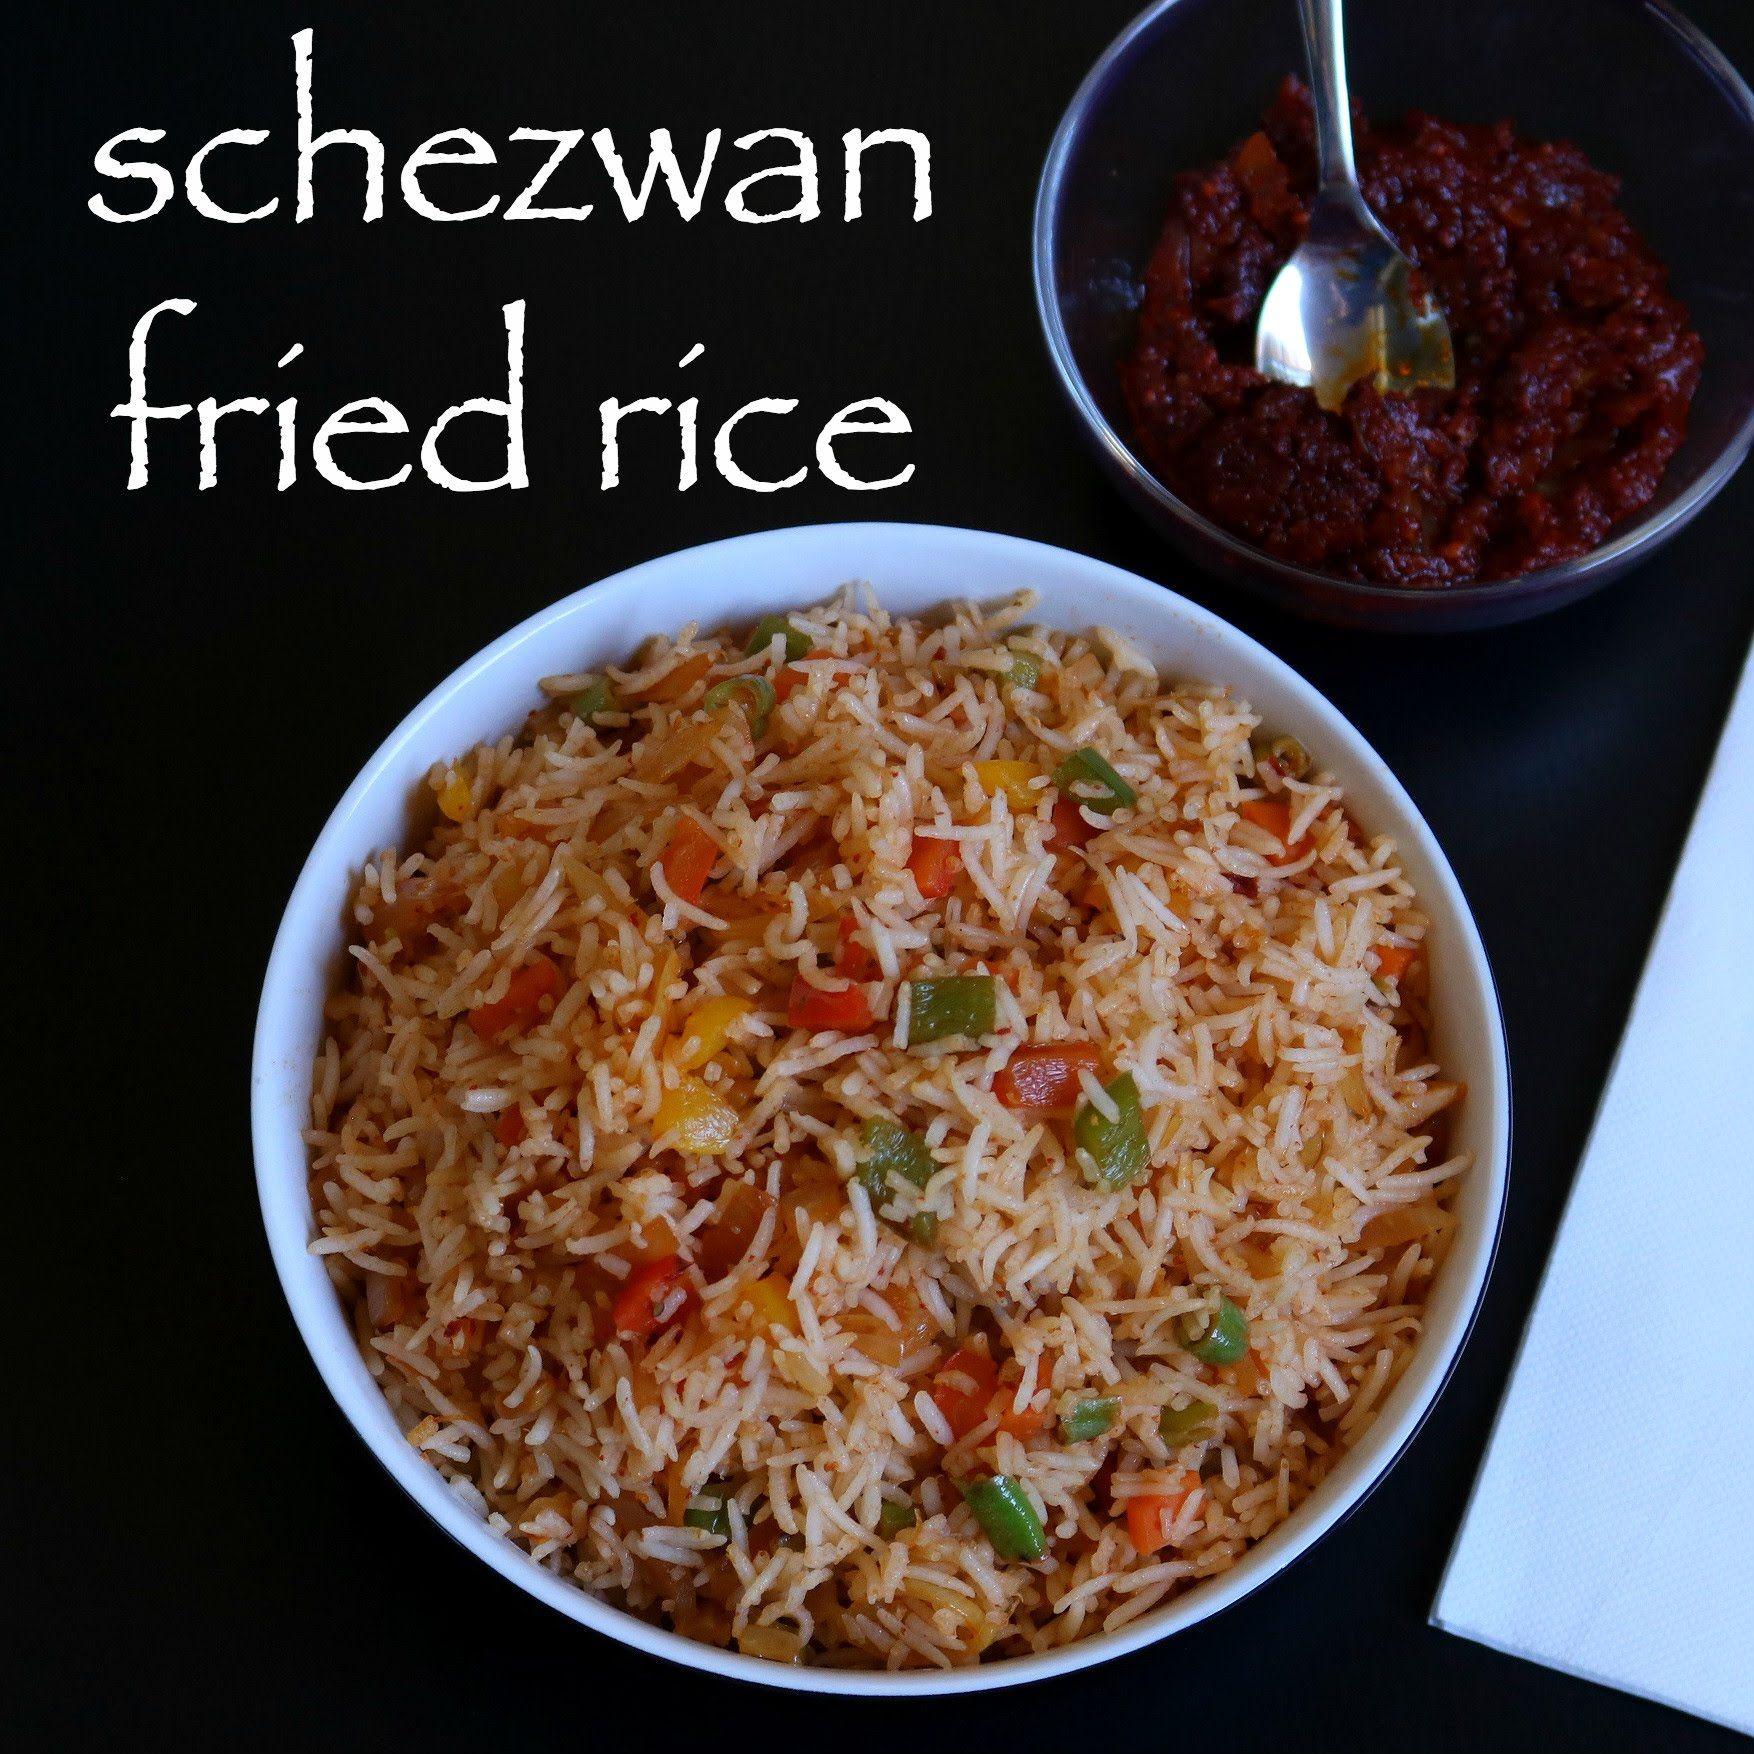 schezwan fried rice easy homemade schezuan fried rice in 2019 chicken noodle recipes indian on hebbar s kitchen chicken biryani id=85265